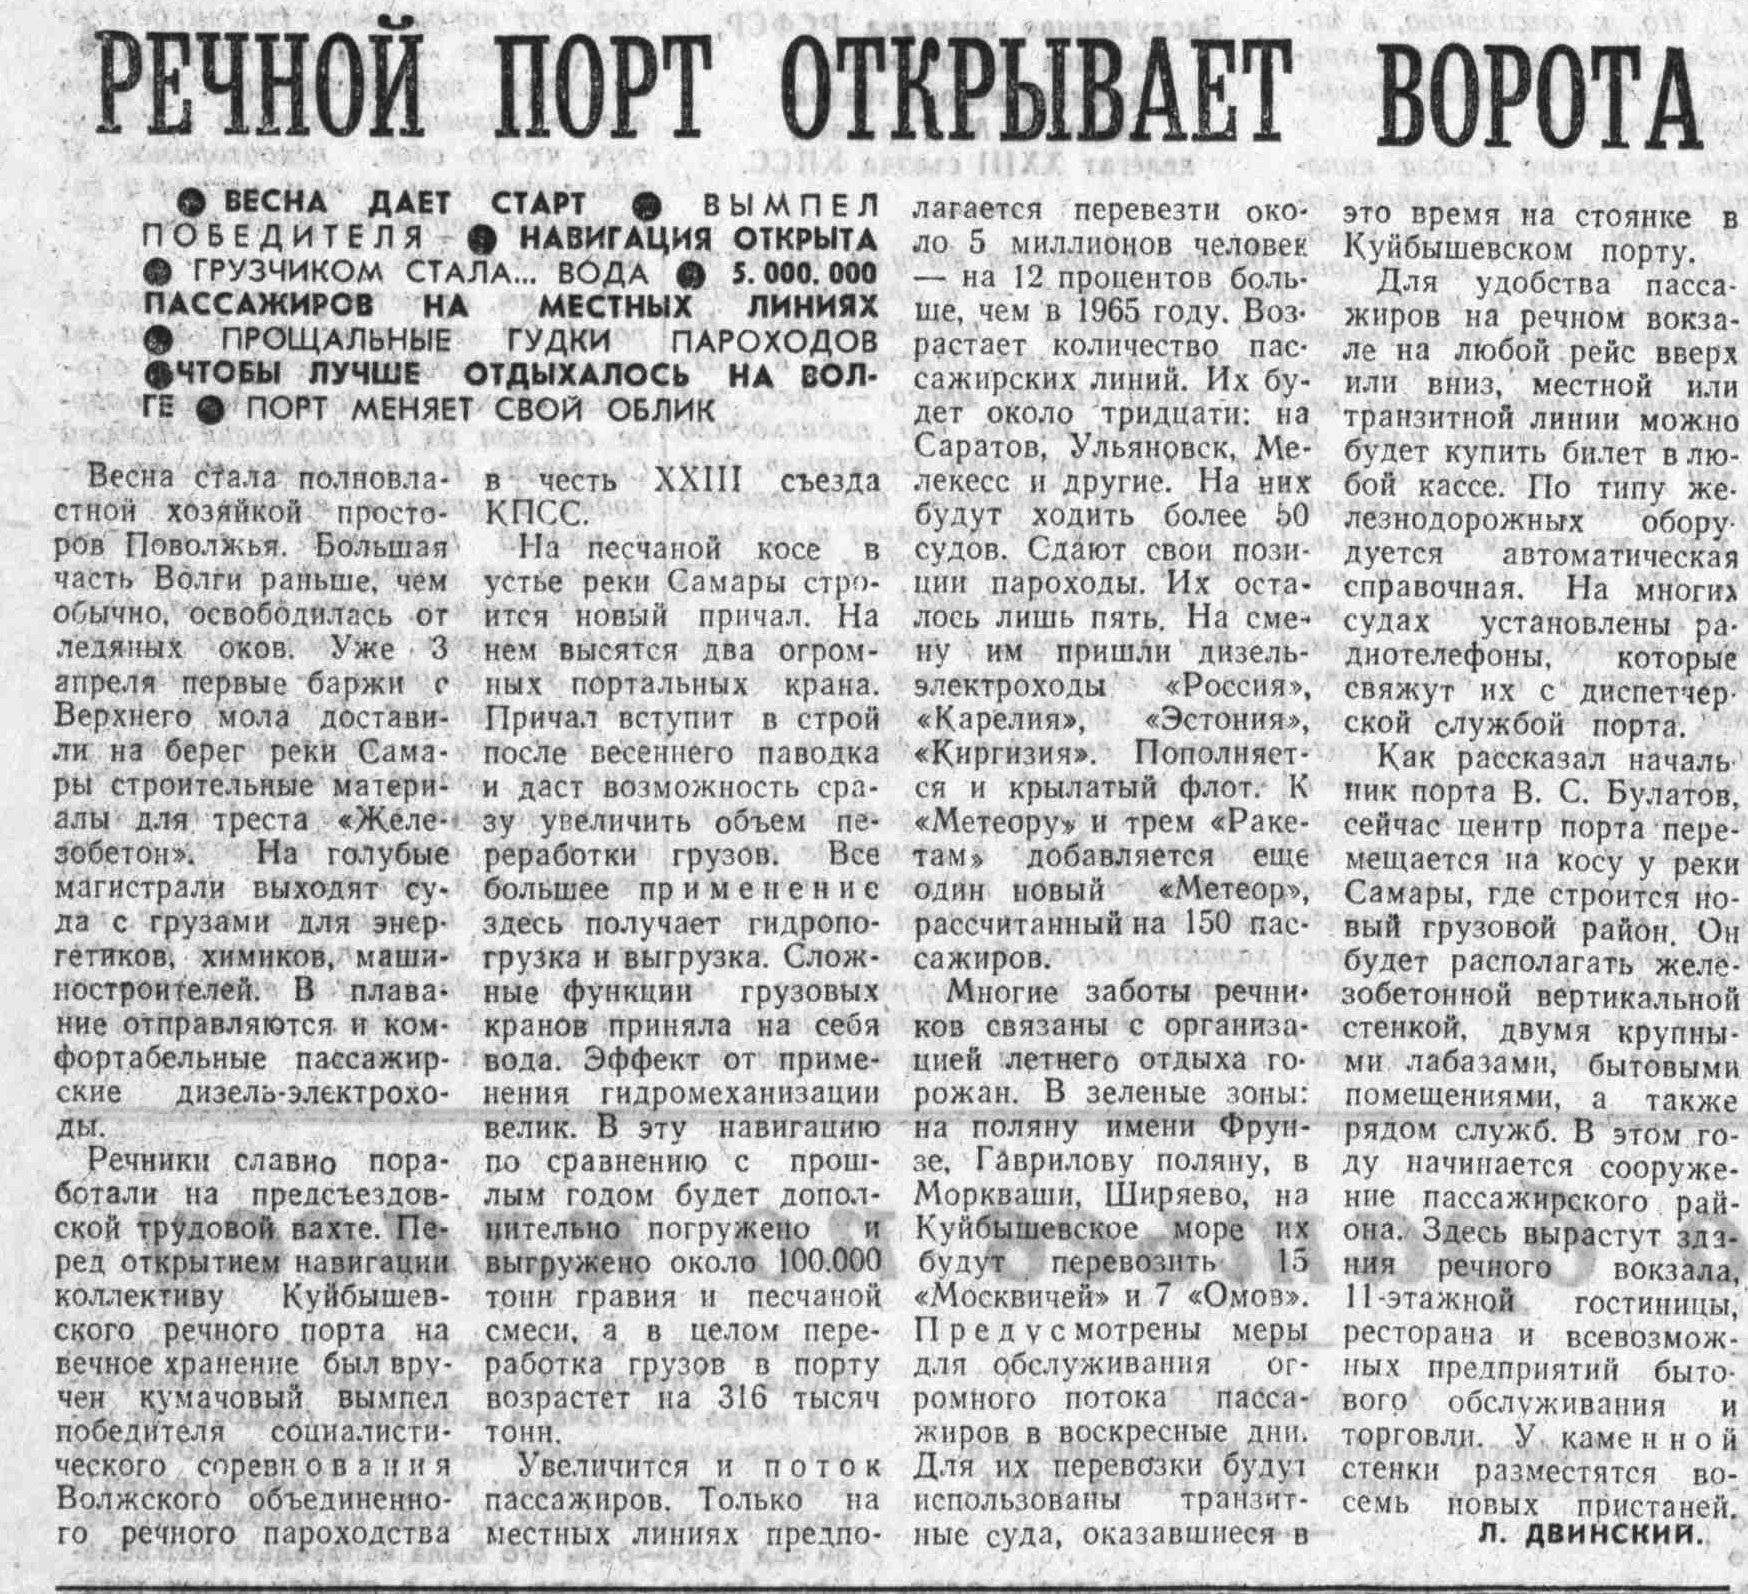 Стрелка реки Самары-ФОТО-13-ВКа-1966-04-13-новости речпорта